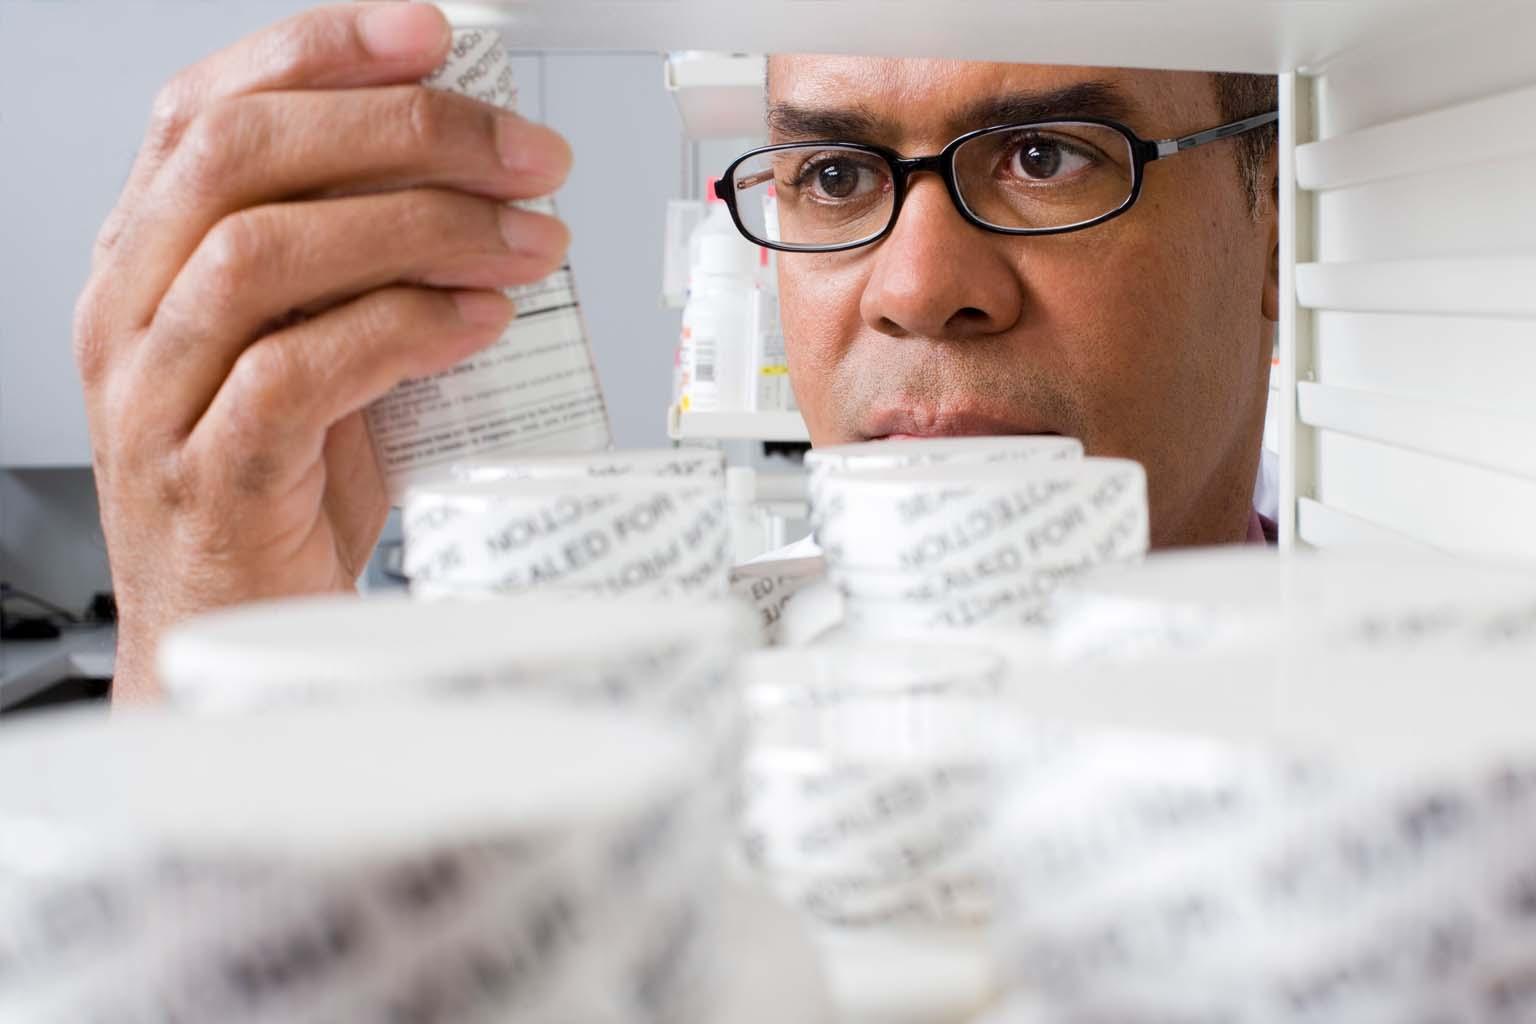 phamacist holding bottle of pills